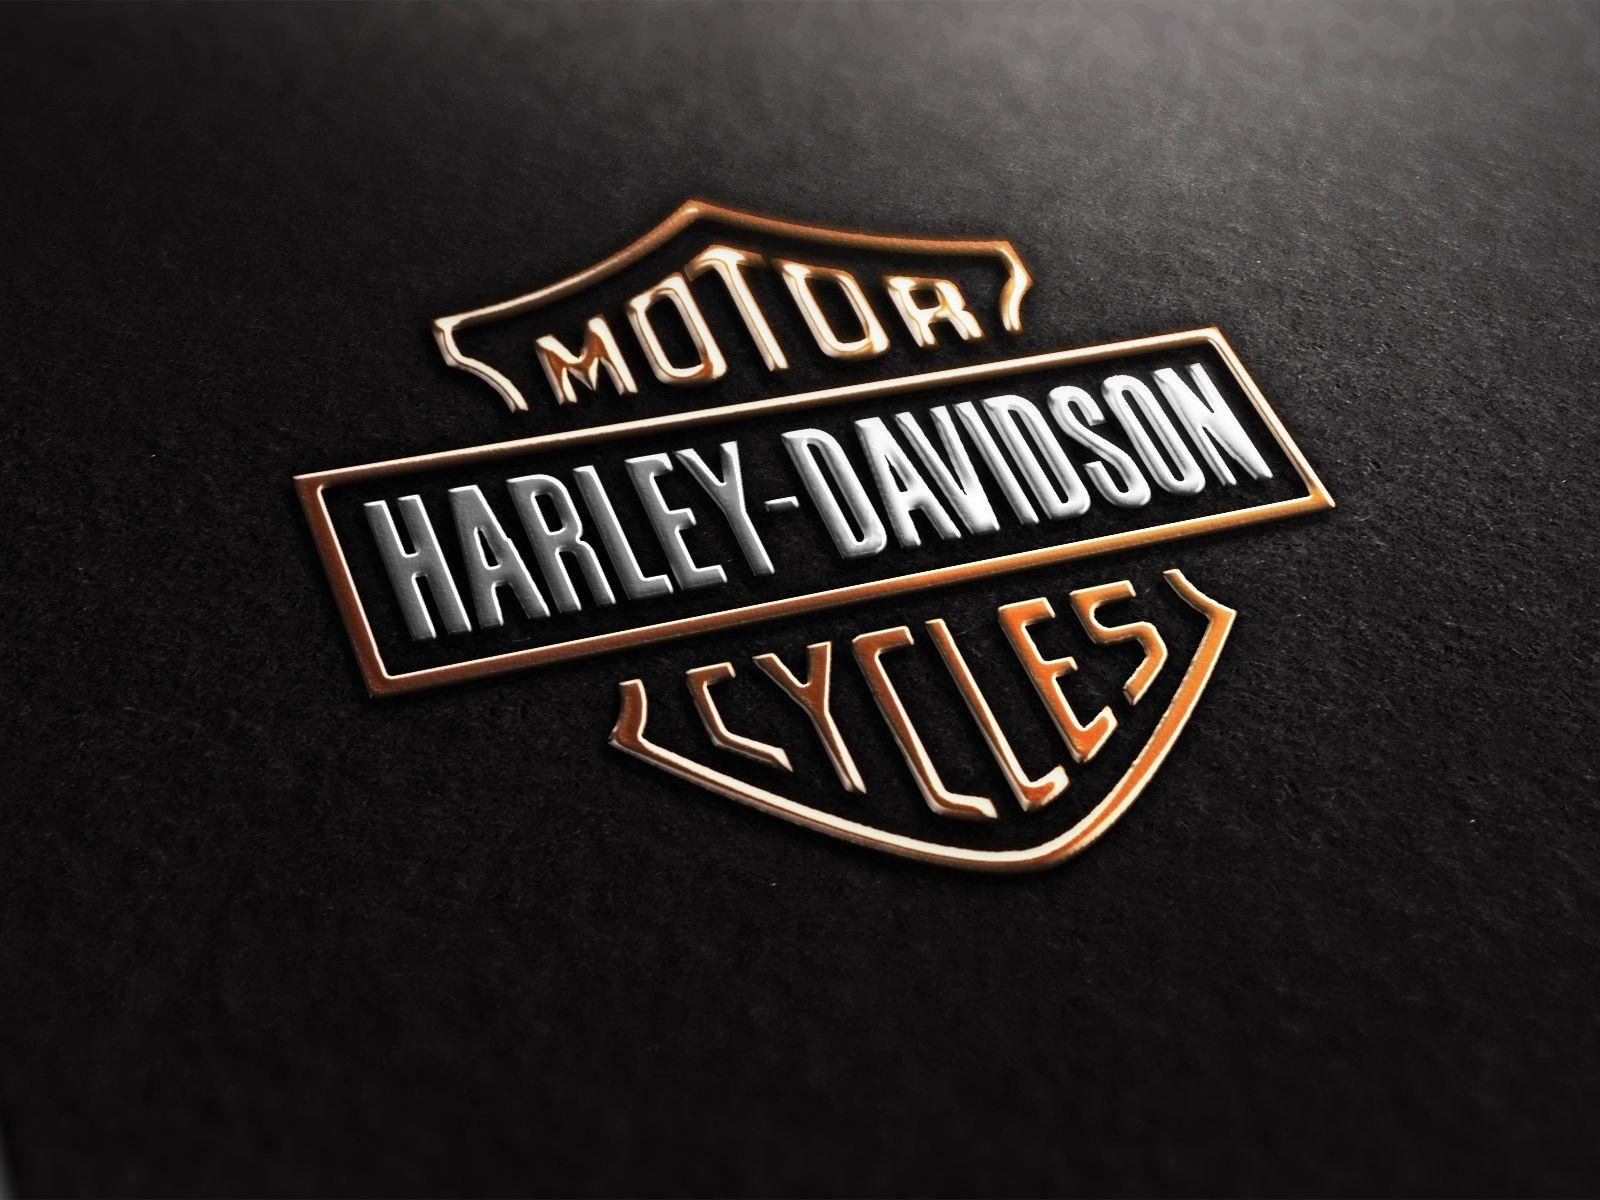 Harley Davidson Logo En 2020 Fondo De Pantalla De Harley Davidson Harley Davidson Logotipo De Harley Davidson